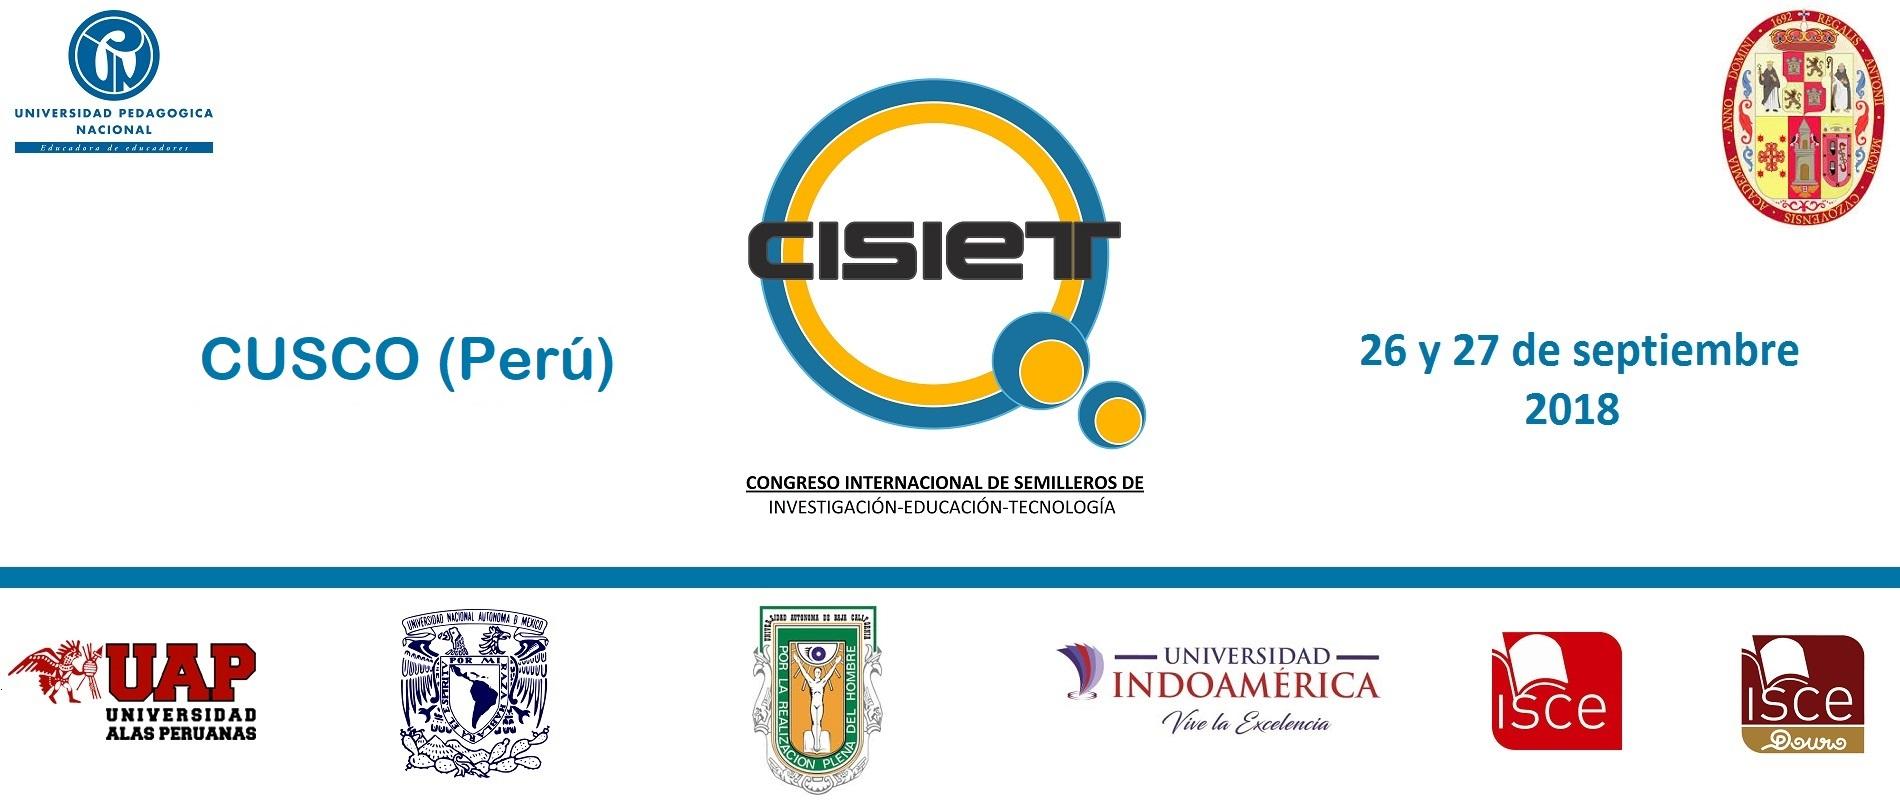 Congreso Internacional de Semilleros de Investigación